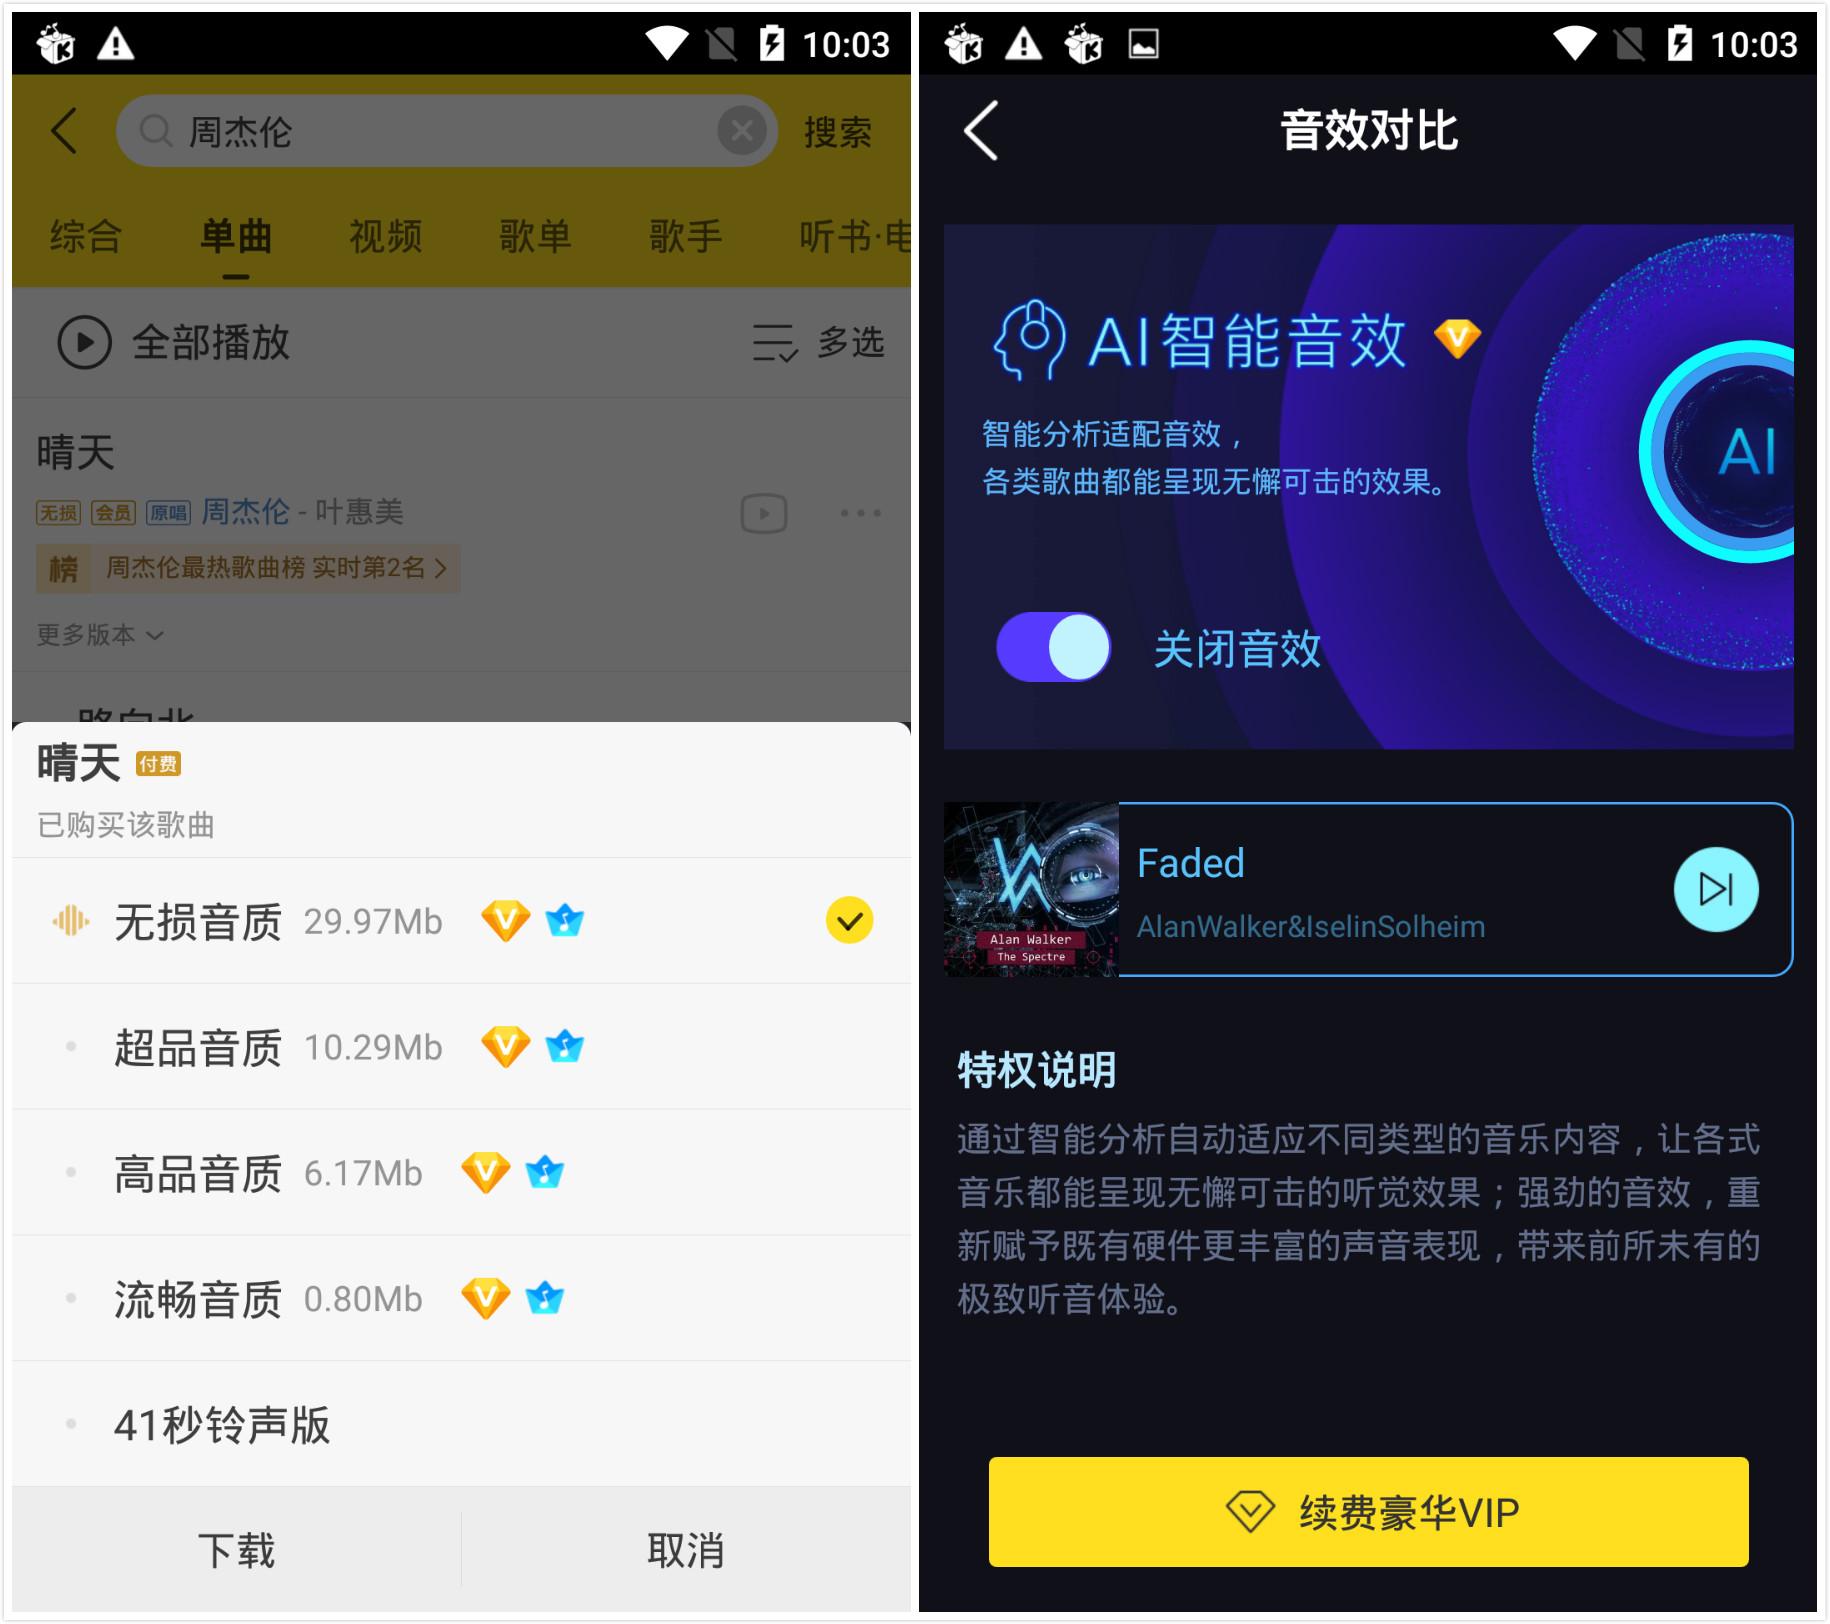 Android版酷我音乐 v9.3.3.0 破解豪华VIP版